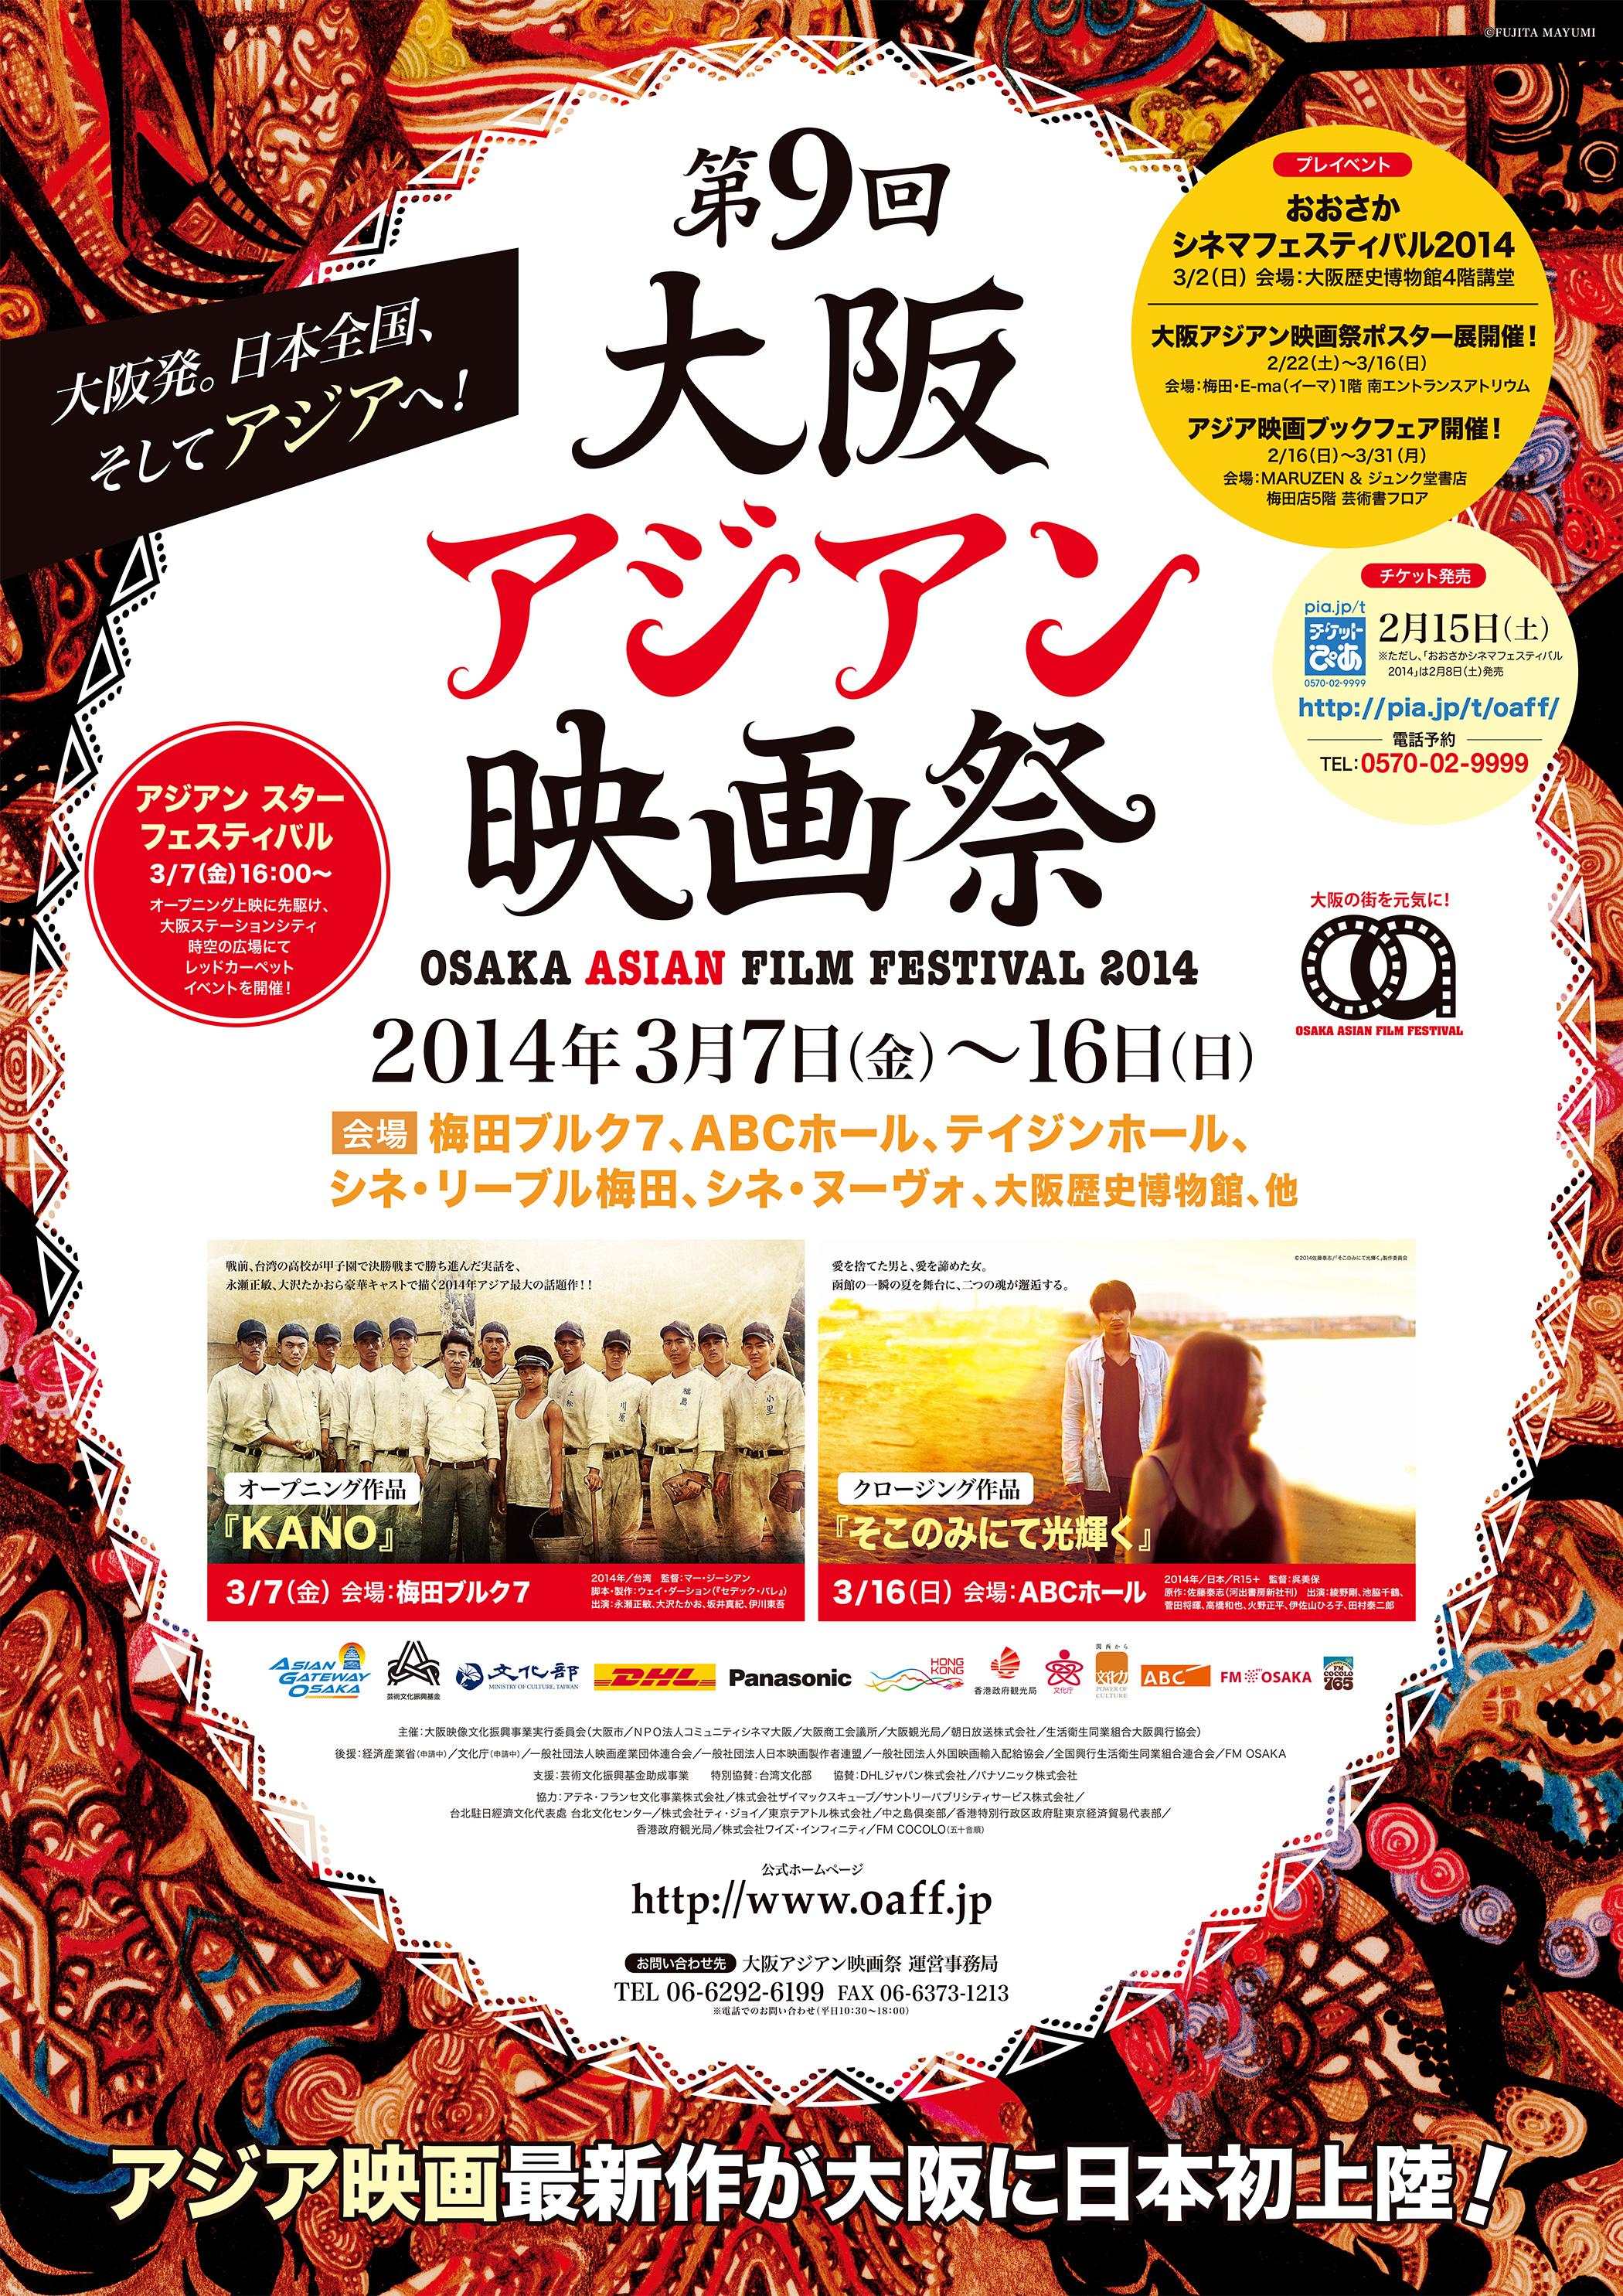 第9回 大阪アジアン映画祭2014